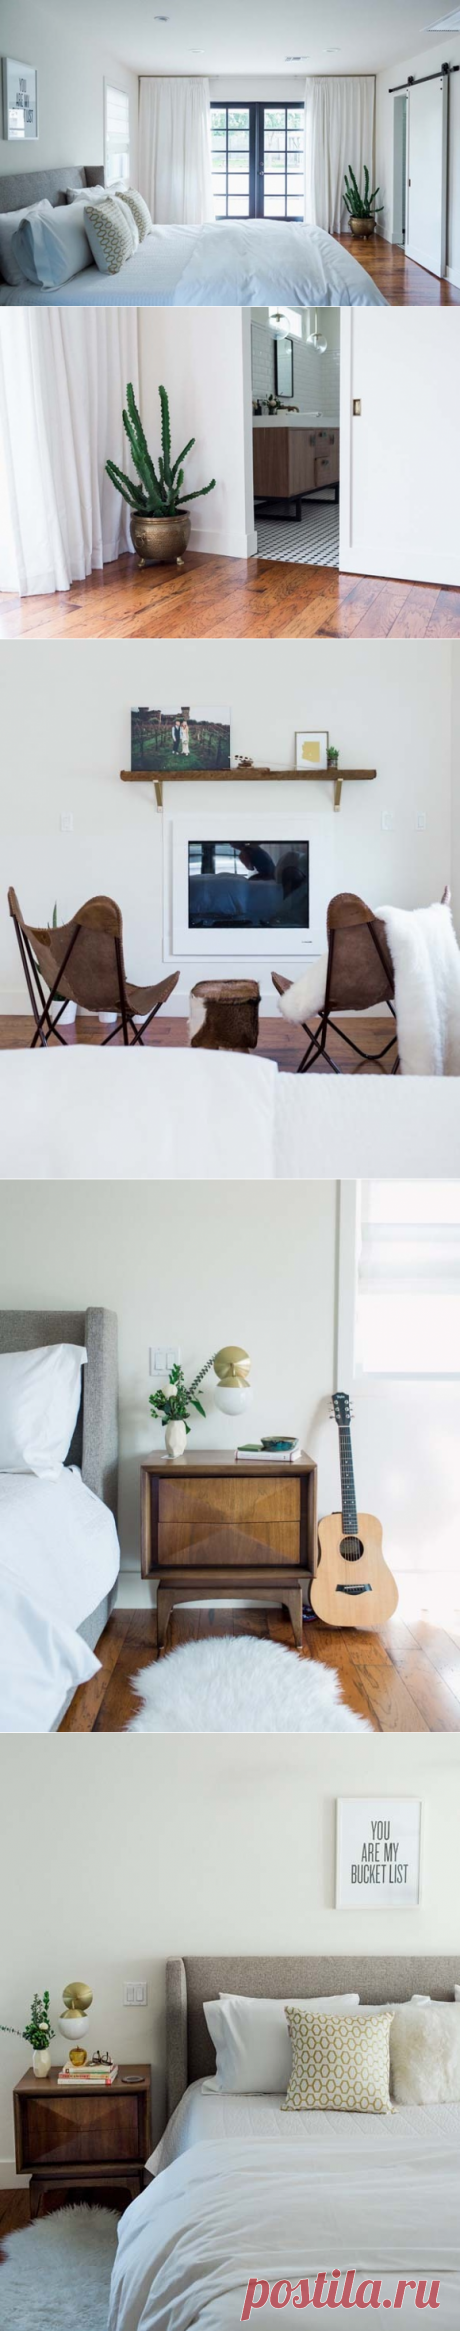 Как обустроить идеальную спальню: реальный пример | u